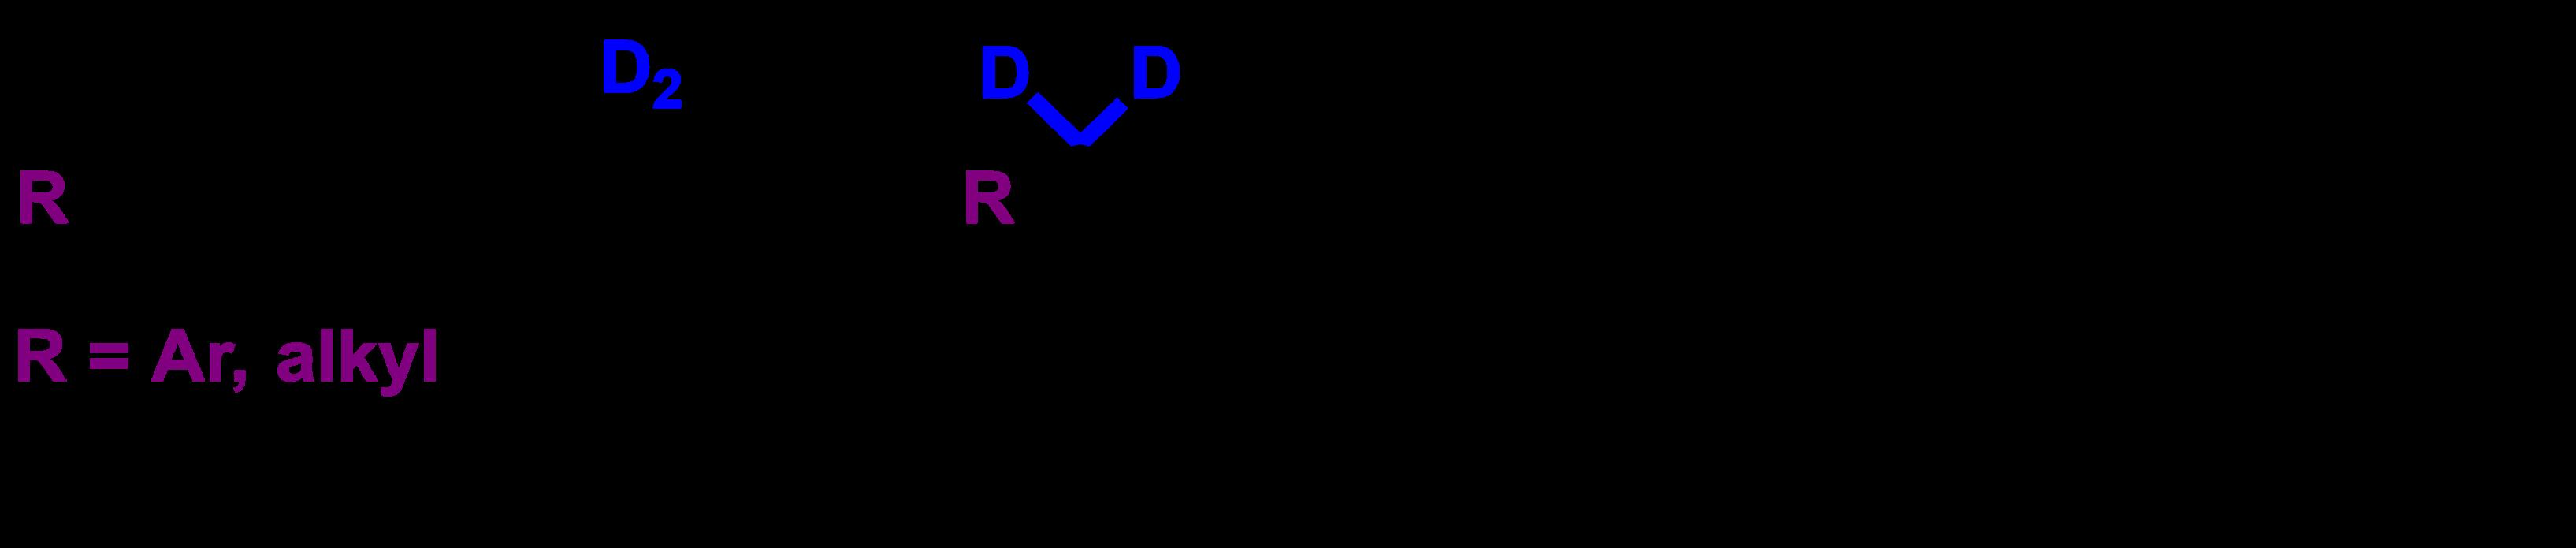 gancho de alpinismo hebilla auxiliar 12KN Los Ni/ños Arm/ónica Color : Silver mosquet/ón hebilla de seguridad de hamaca colgante XIAONINGMENGDIAN Material de aluminio de aviaci/ón 7075 Mosquet/ón